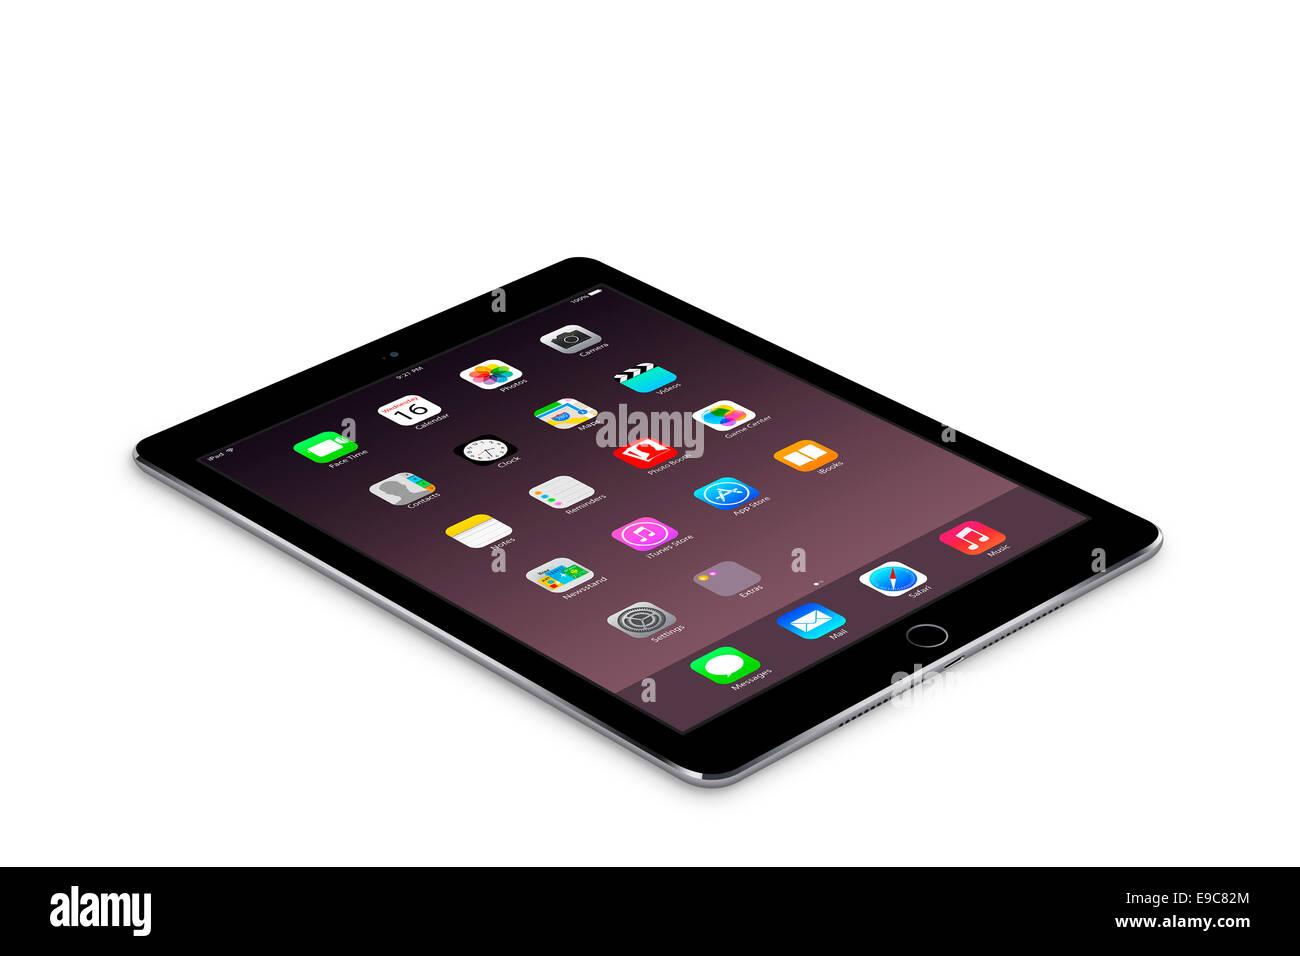 L'ipad air comprimé 2 gris de l'espace avec des applications, des créations numériques. Photo Stock